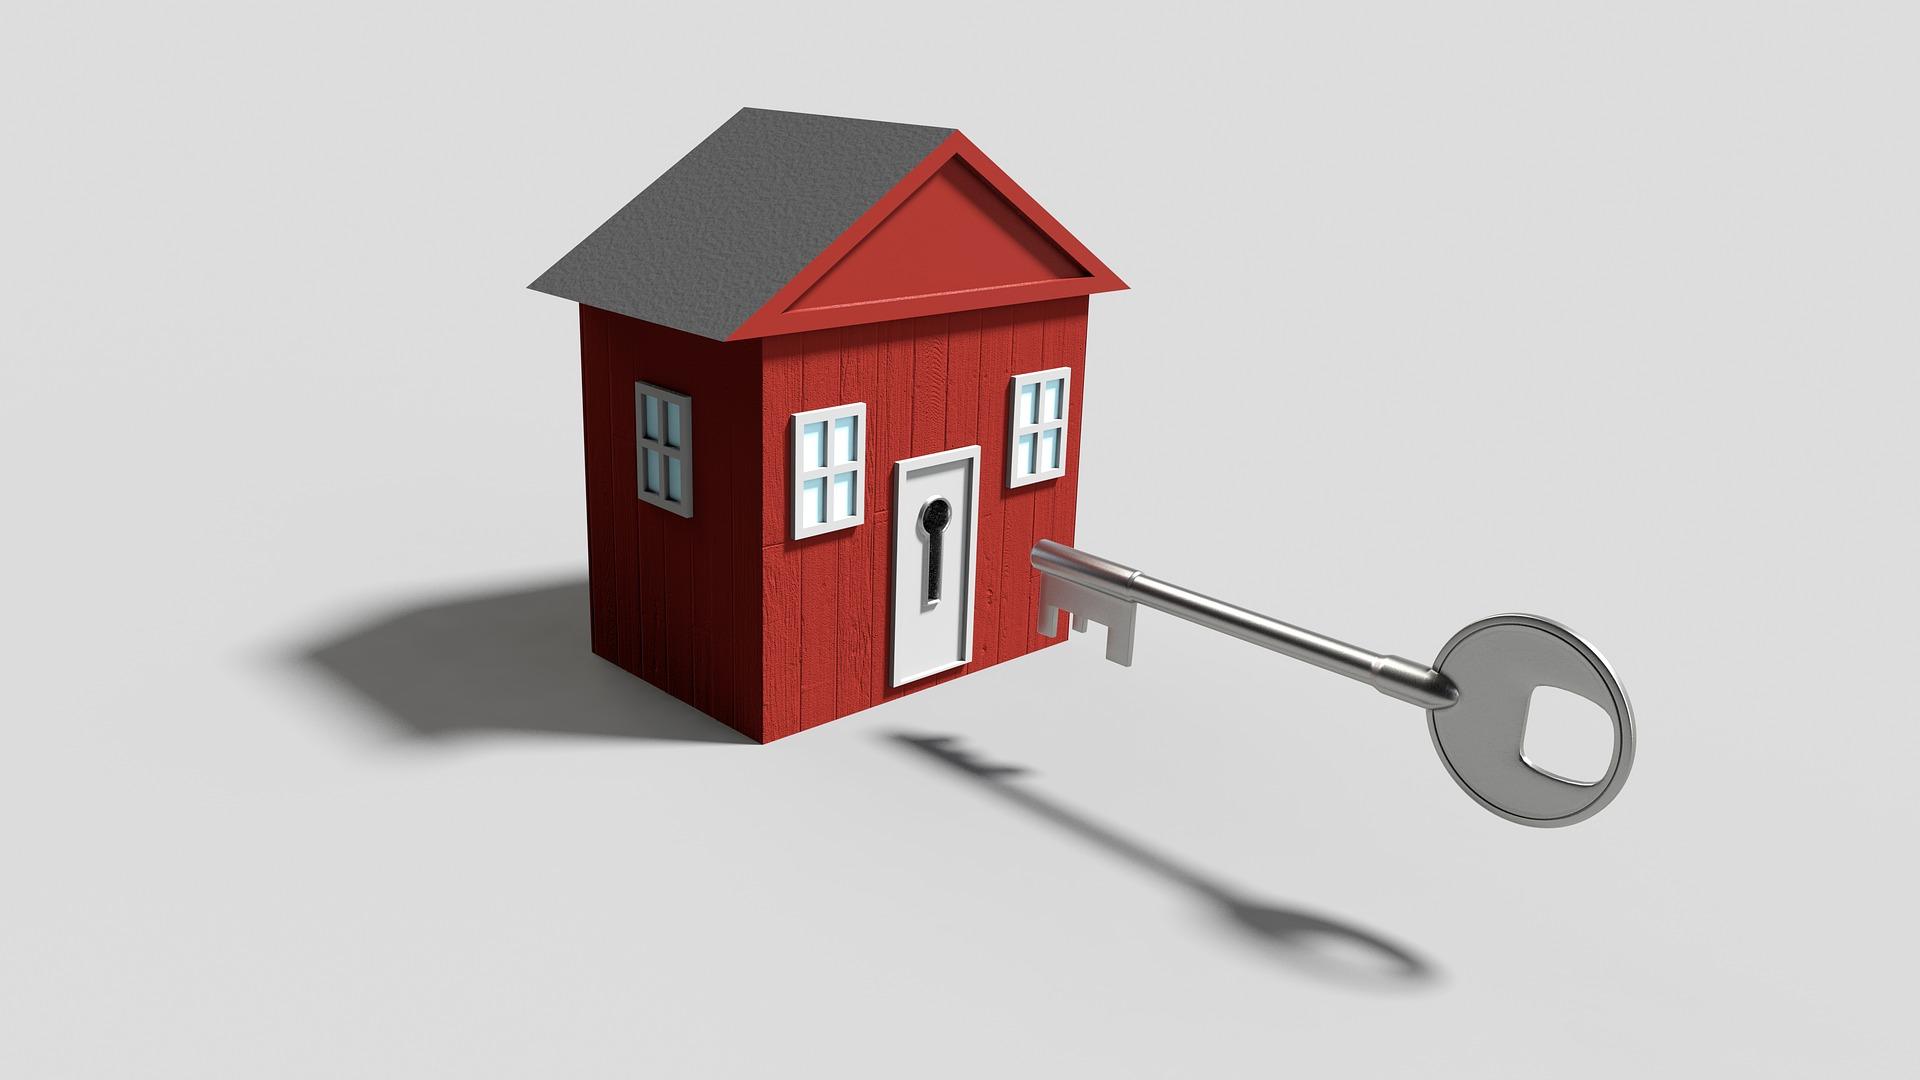 L'acquisition de son bien avec une agence immobilière